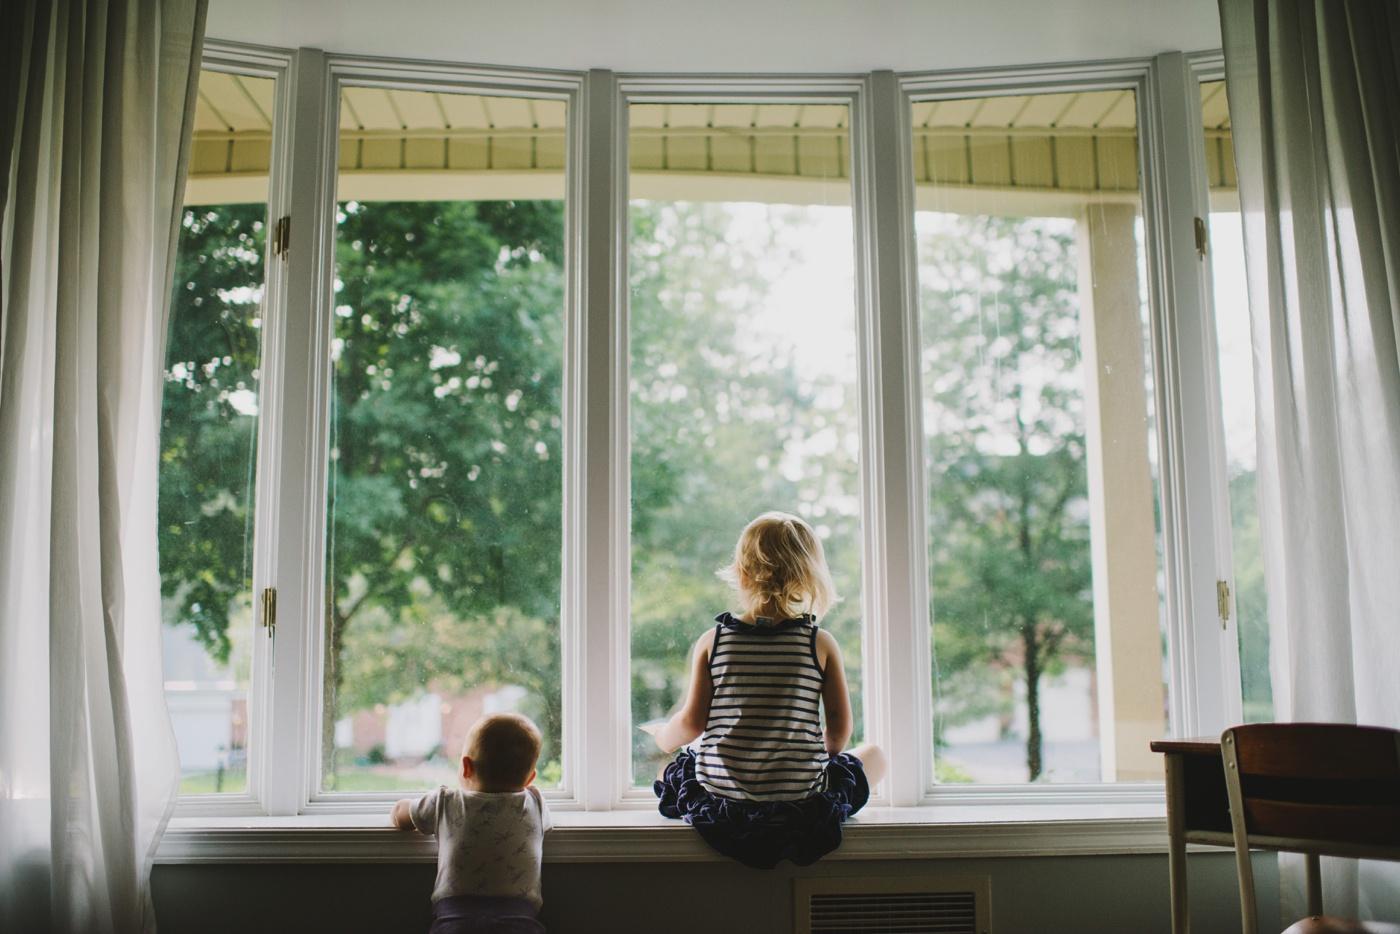 Two little girls in window